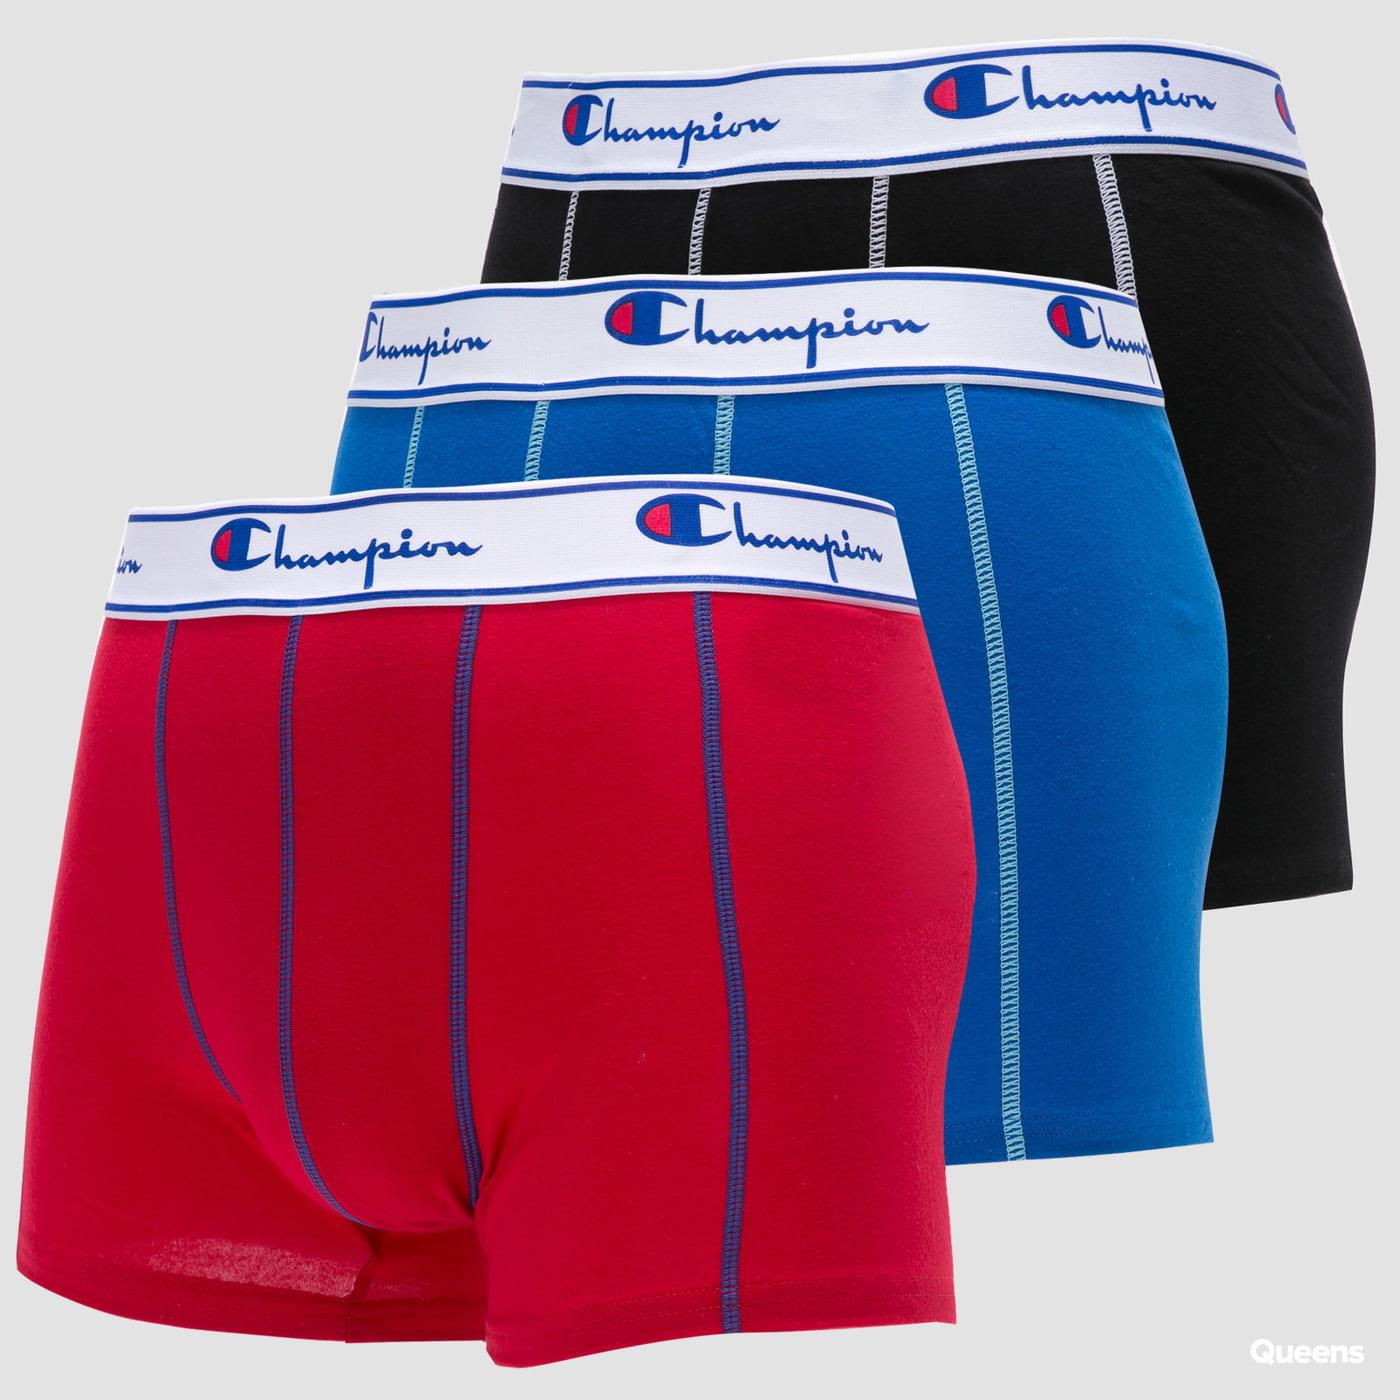 Champion BO Champ Plain 3er-Pack blau / rot / schwarz